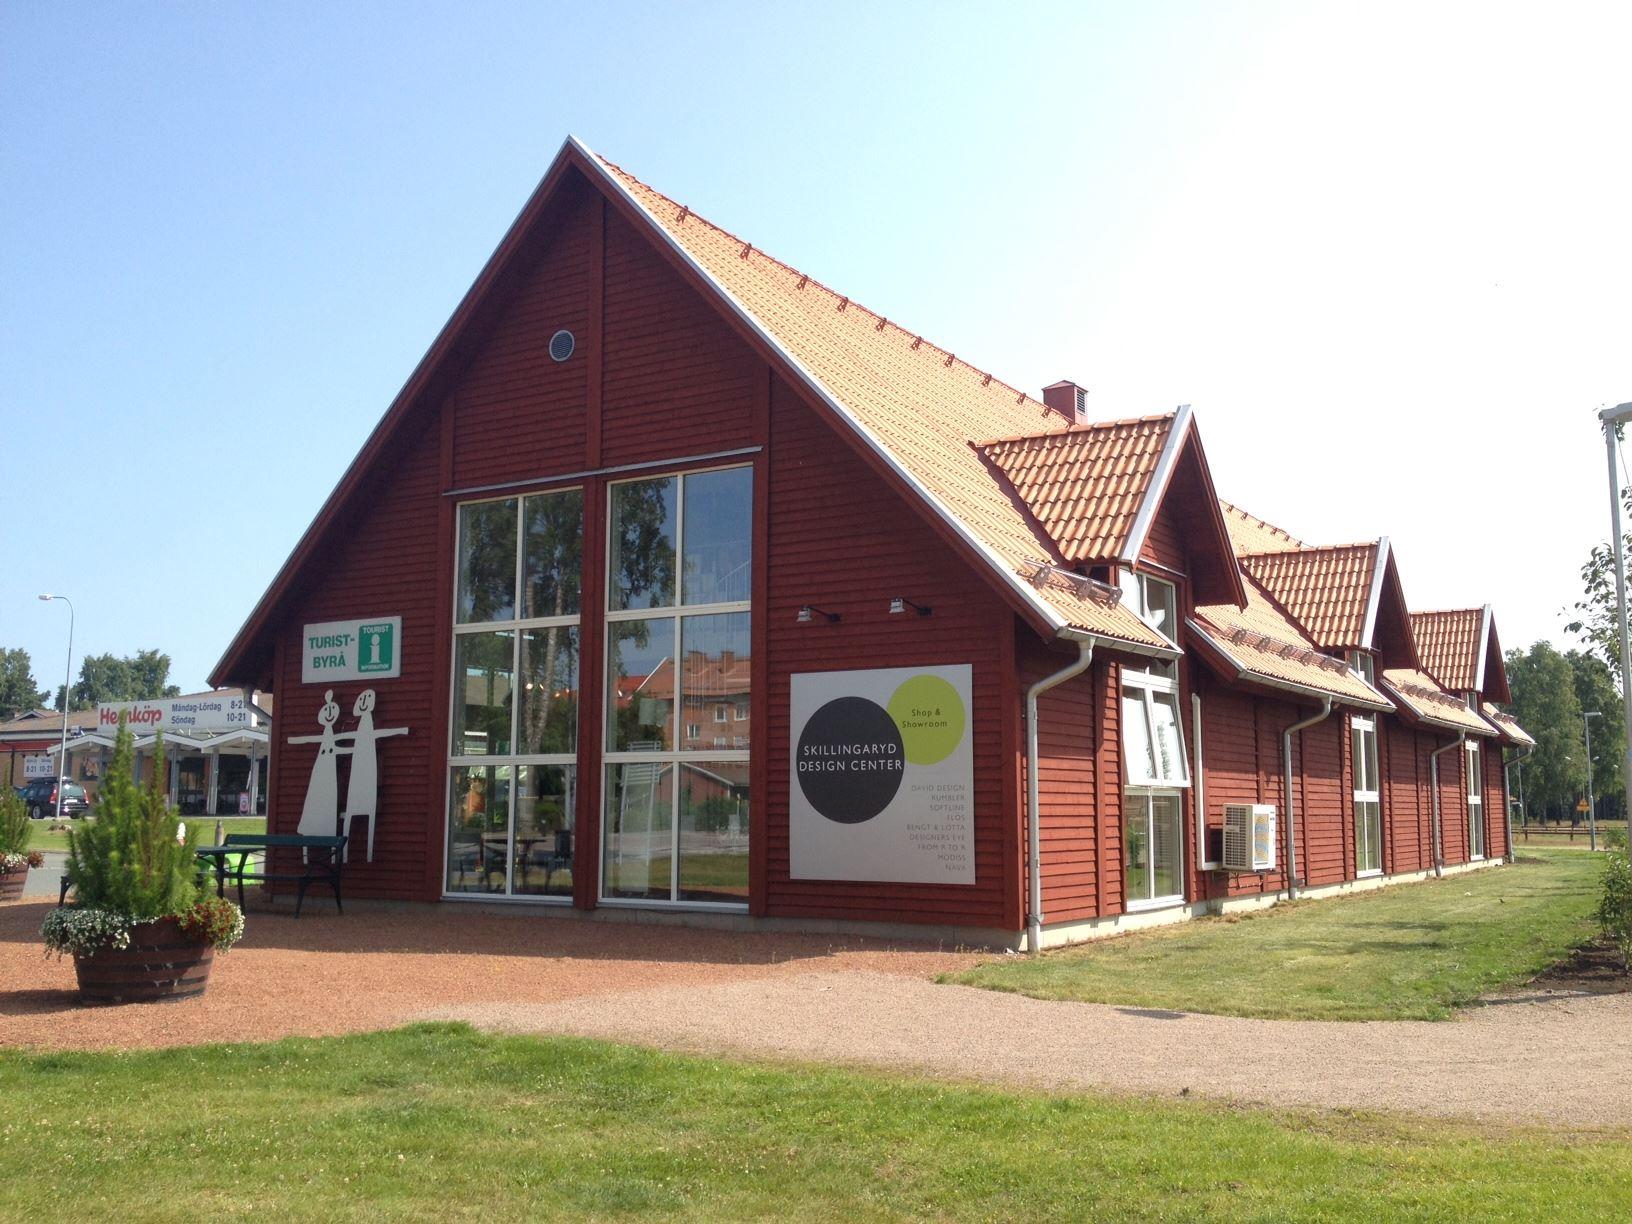 Skillingaryd Design Center, Turistbyrå/ Skillingaryd Design Center